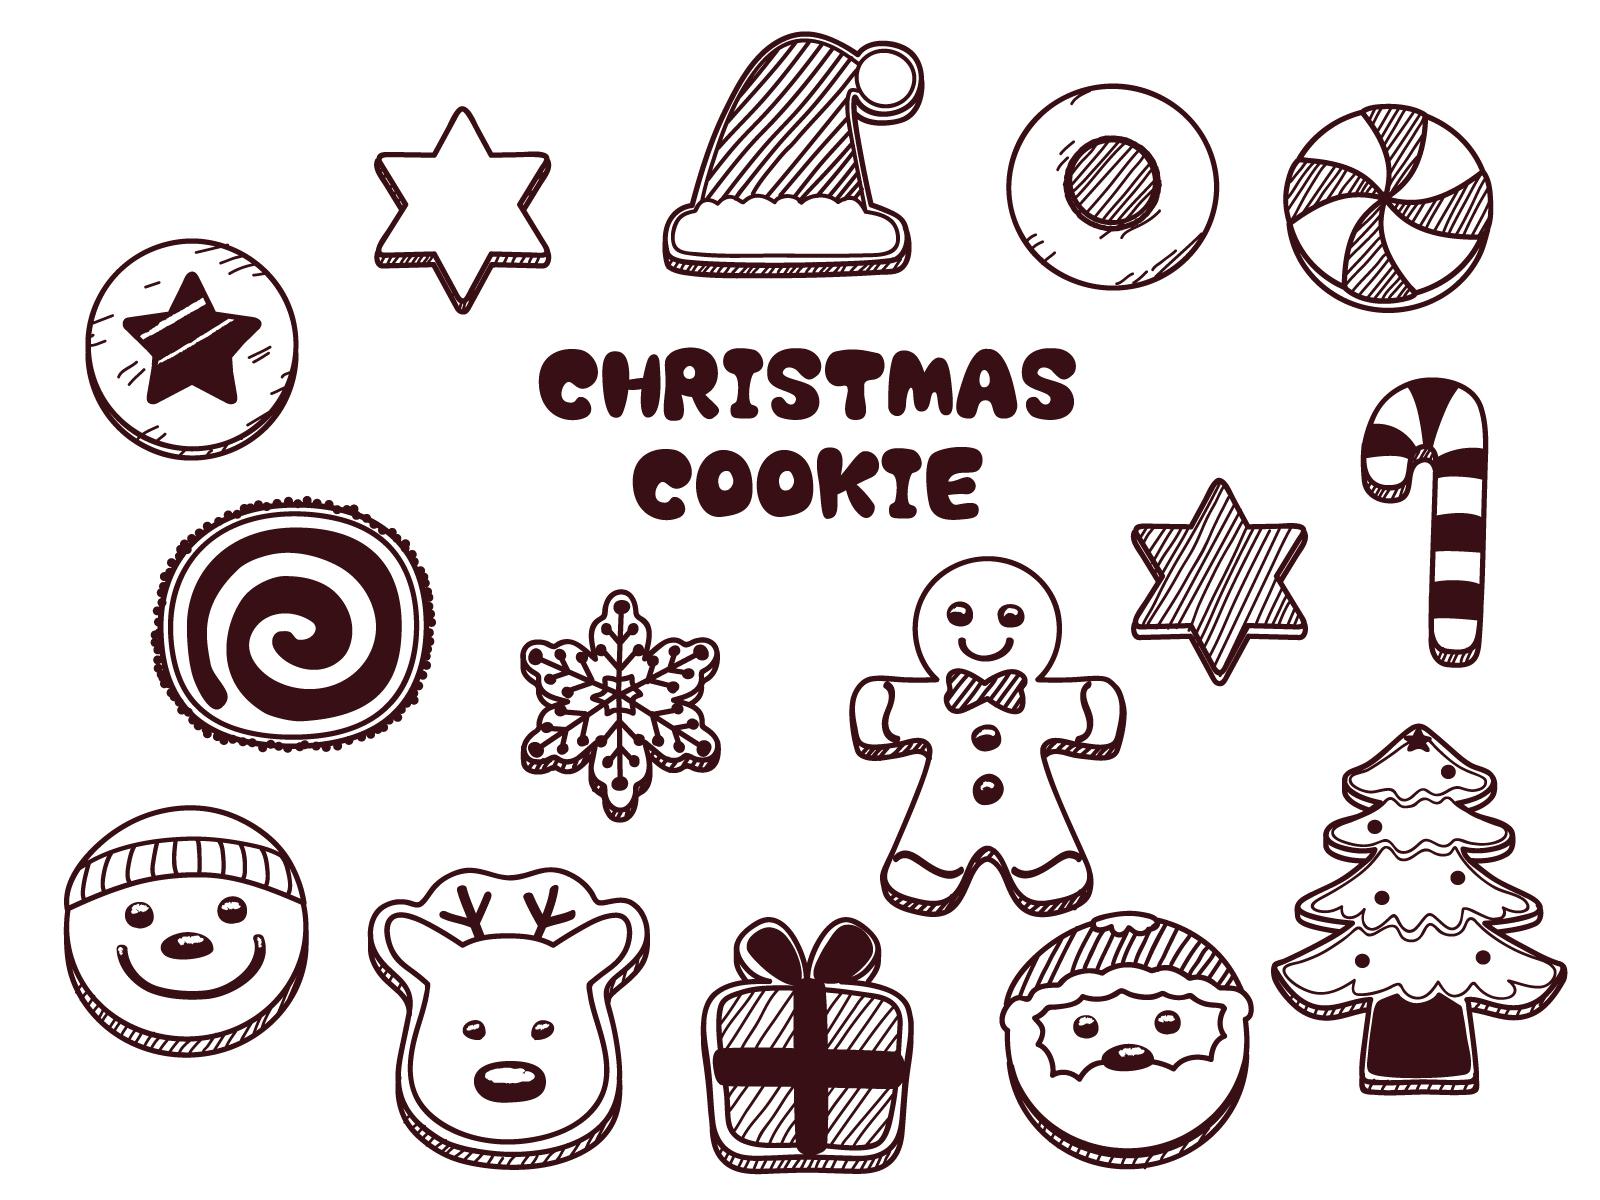 【高齢者向けおやつレク】簡単!!冬 (12・1・2月)におすすめの手作りお菓子を紹介!